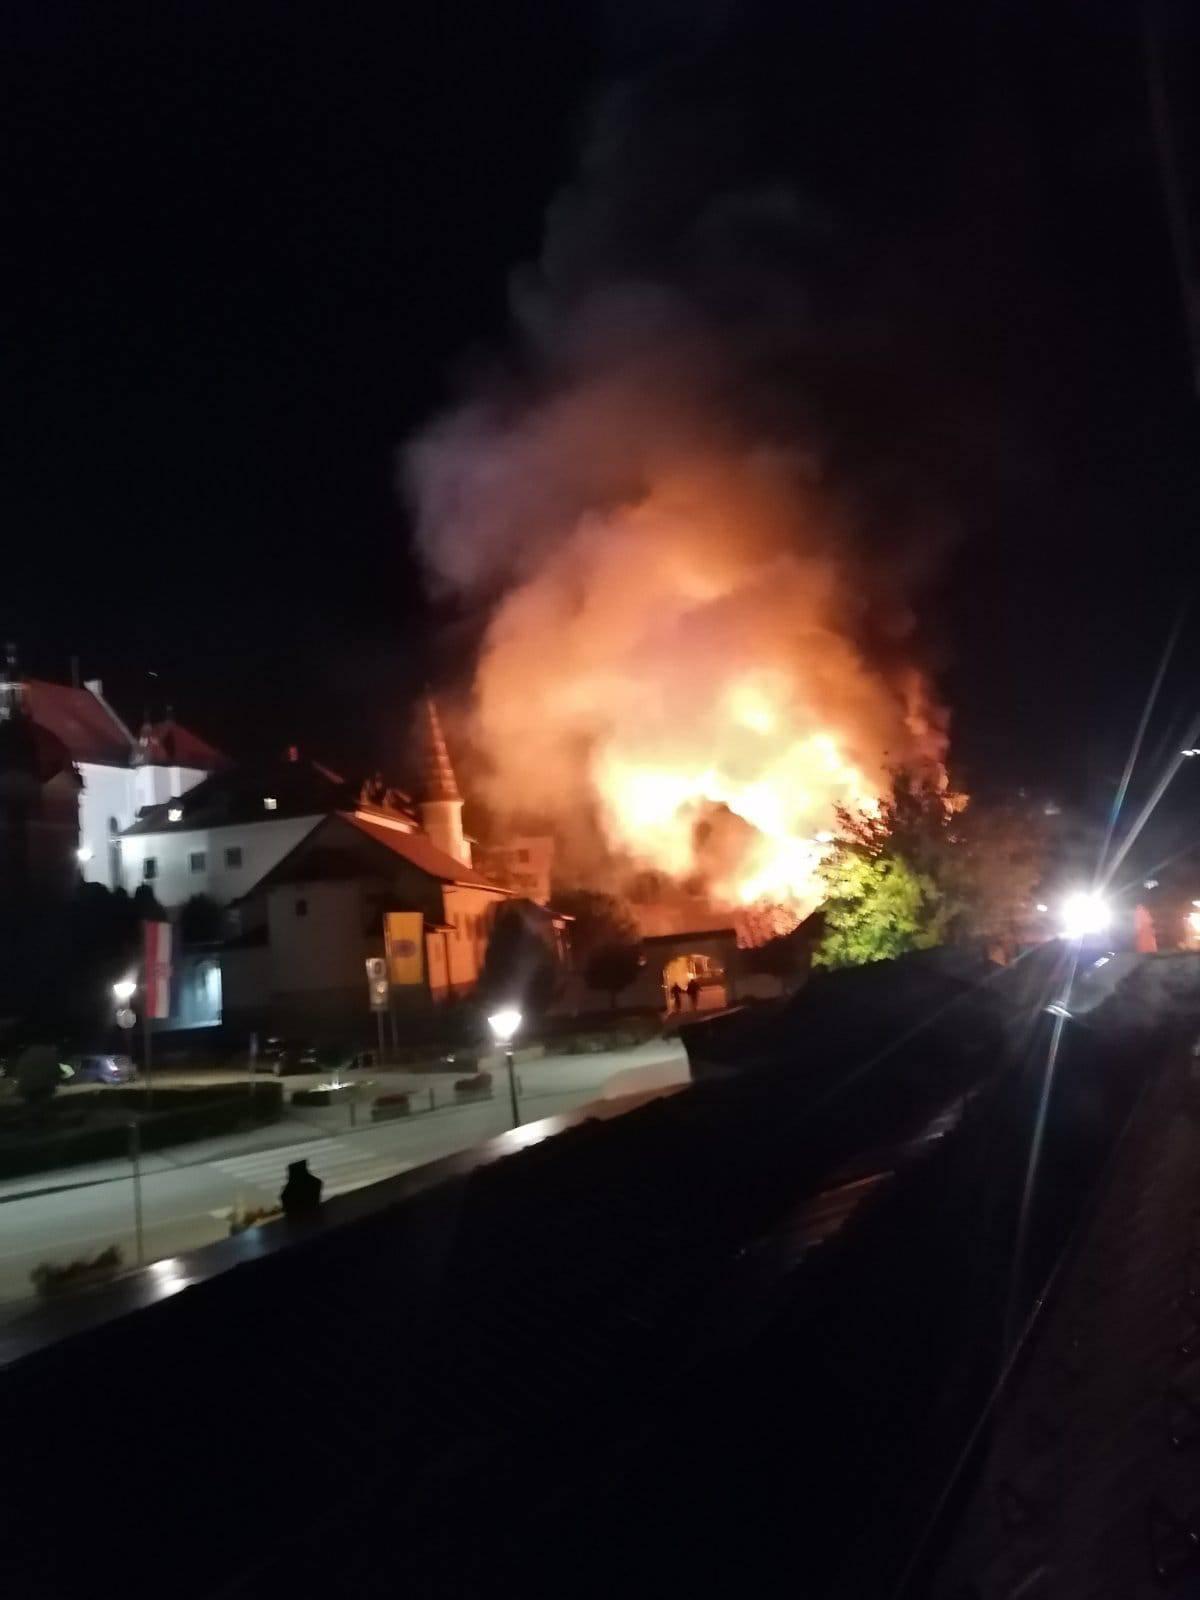 Milijunska šteta: Požar izbio zbog neugašenog lampiona